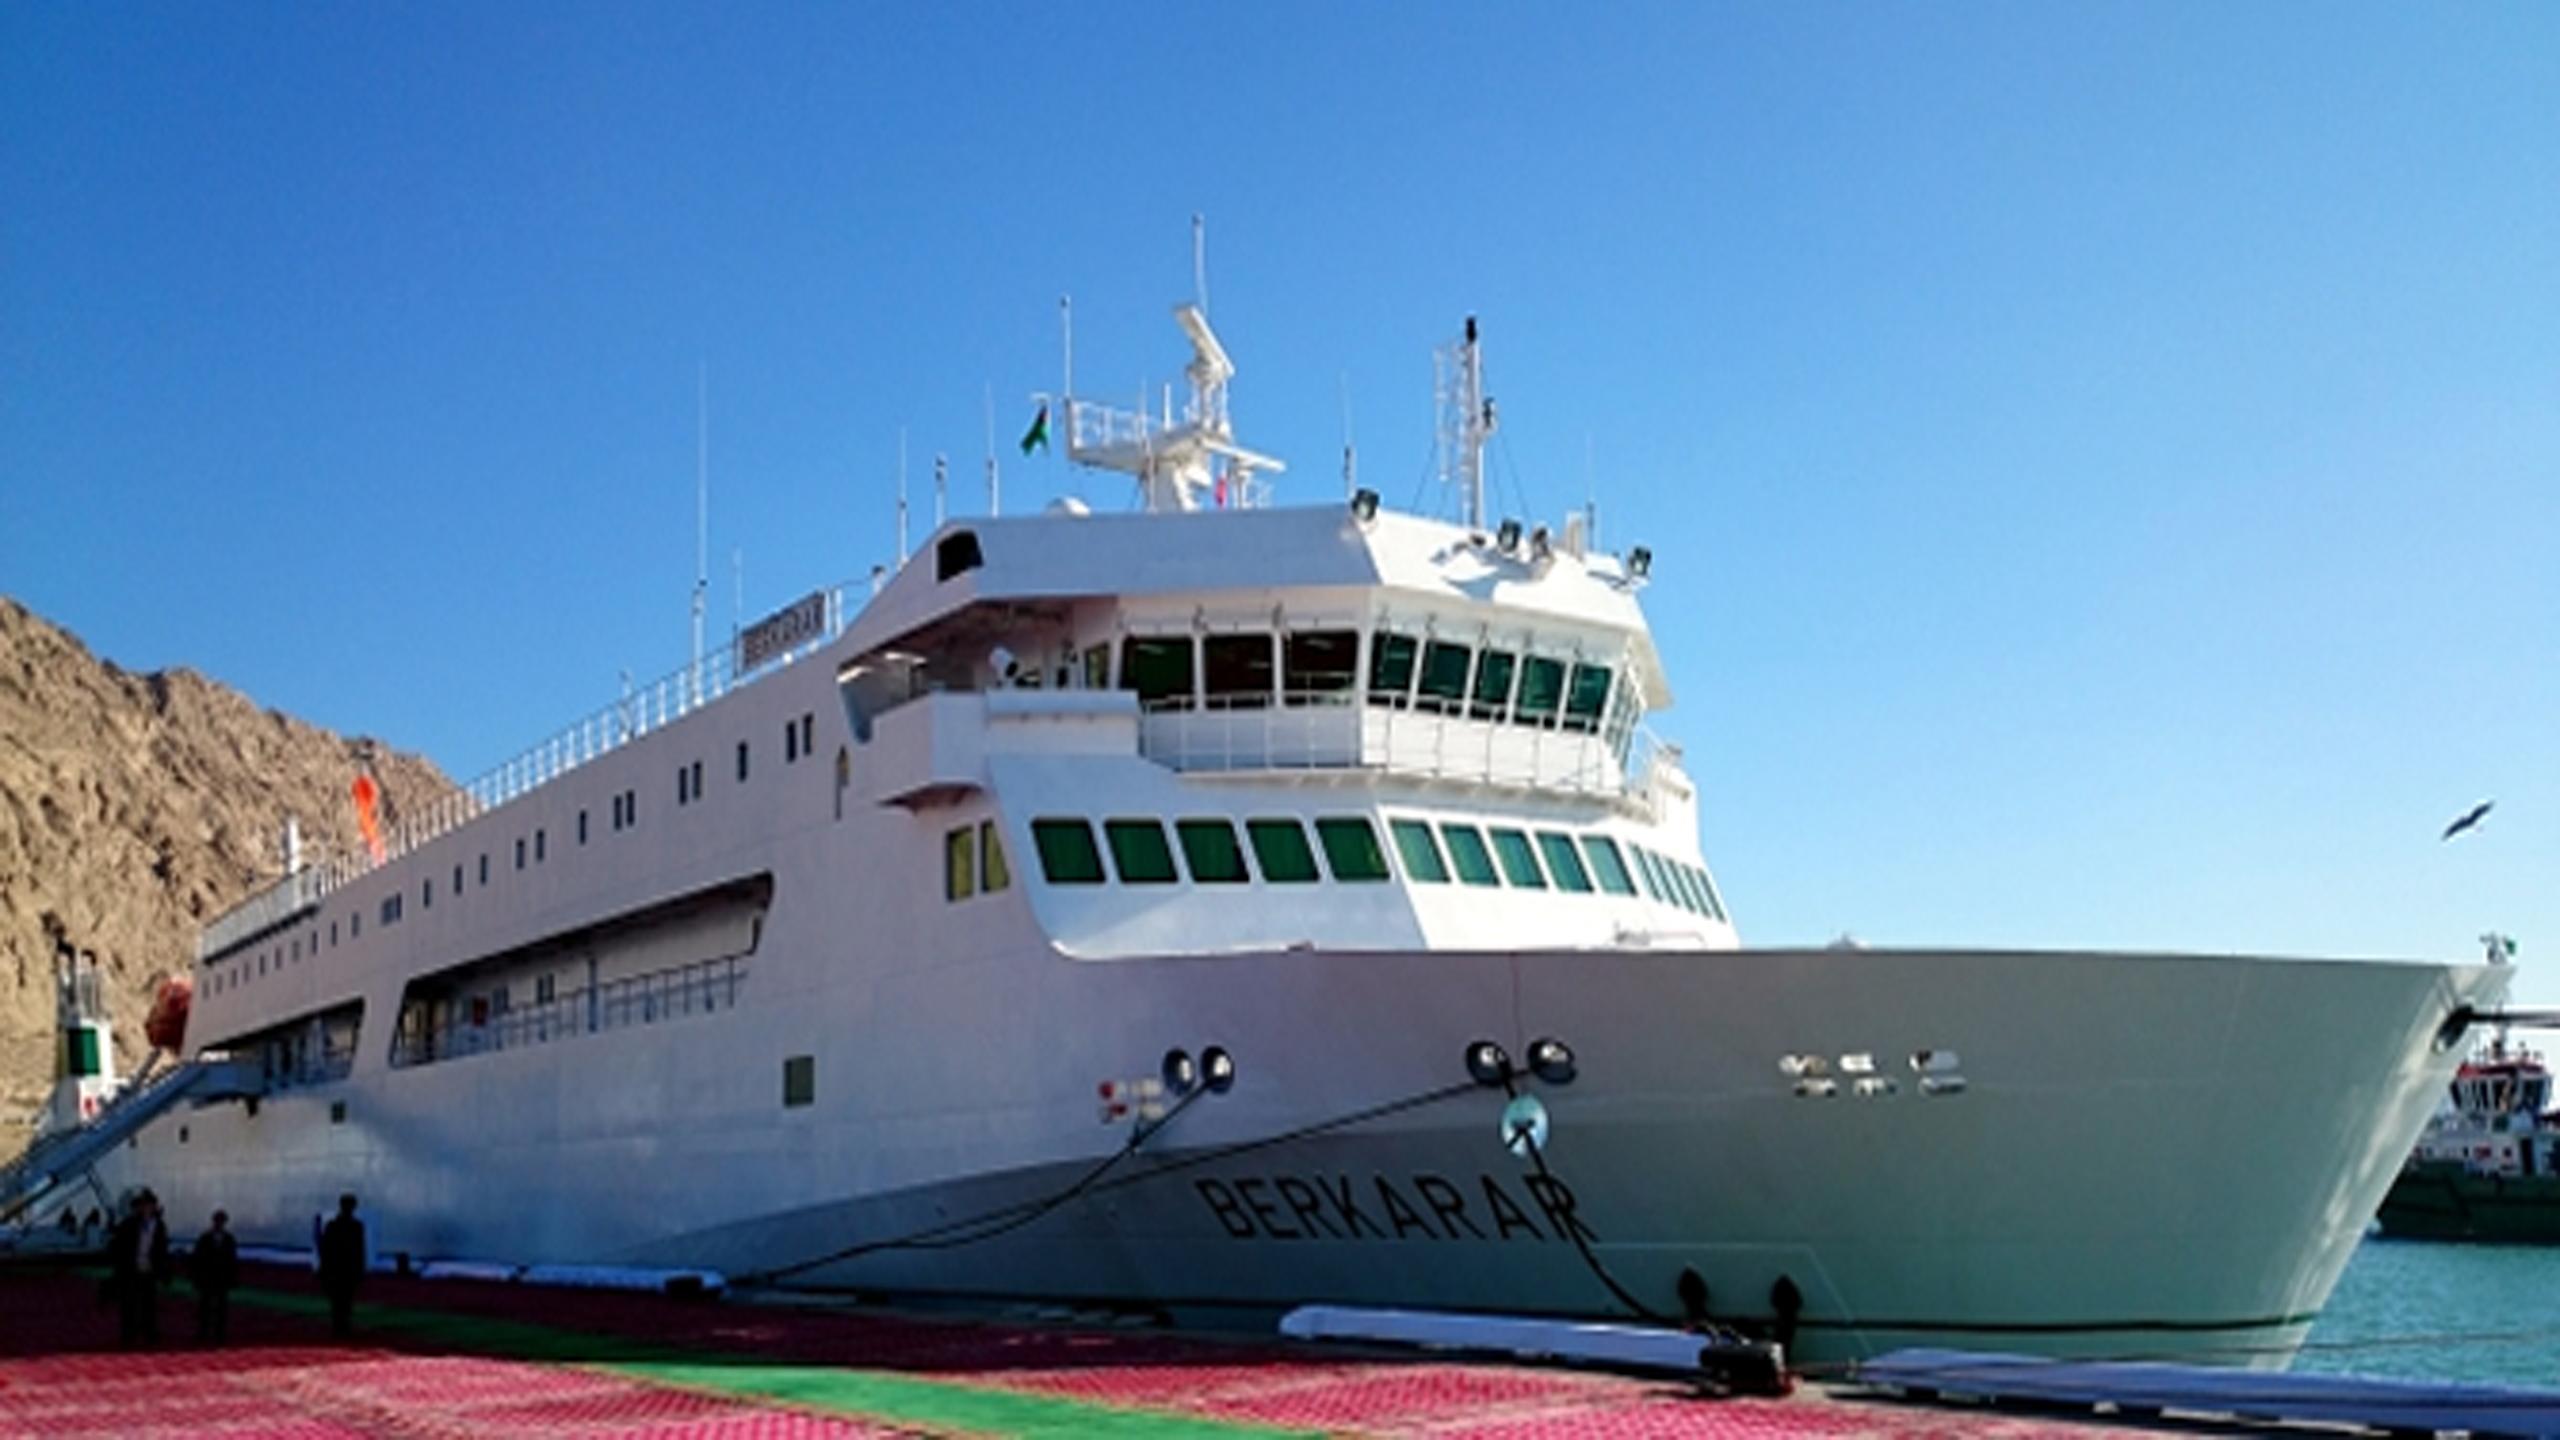 Merchant Fleet – m/v Berkarar and m/v Bahtiyar Ships Repair and Maintenance Works